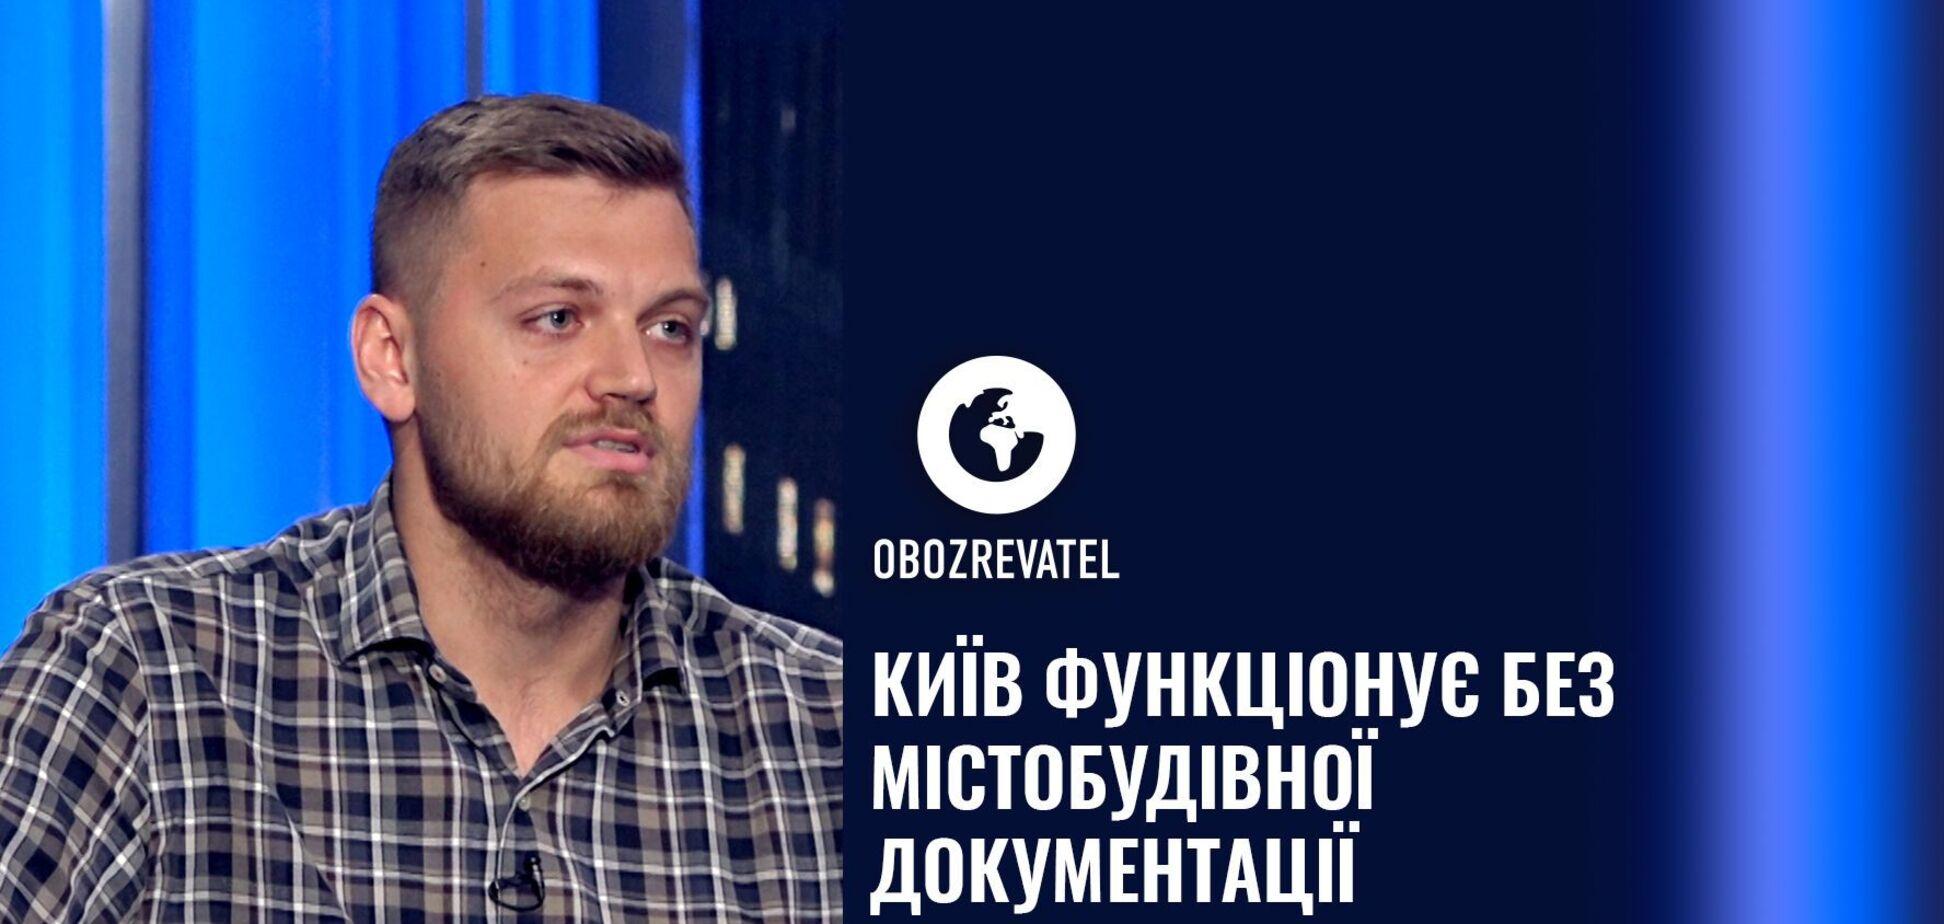 Киев до конца 2021 не получит сбалансированный и профессиональный генплан, - депутат Киевсовета